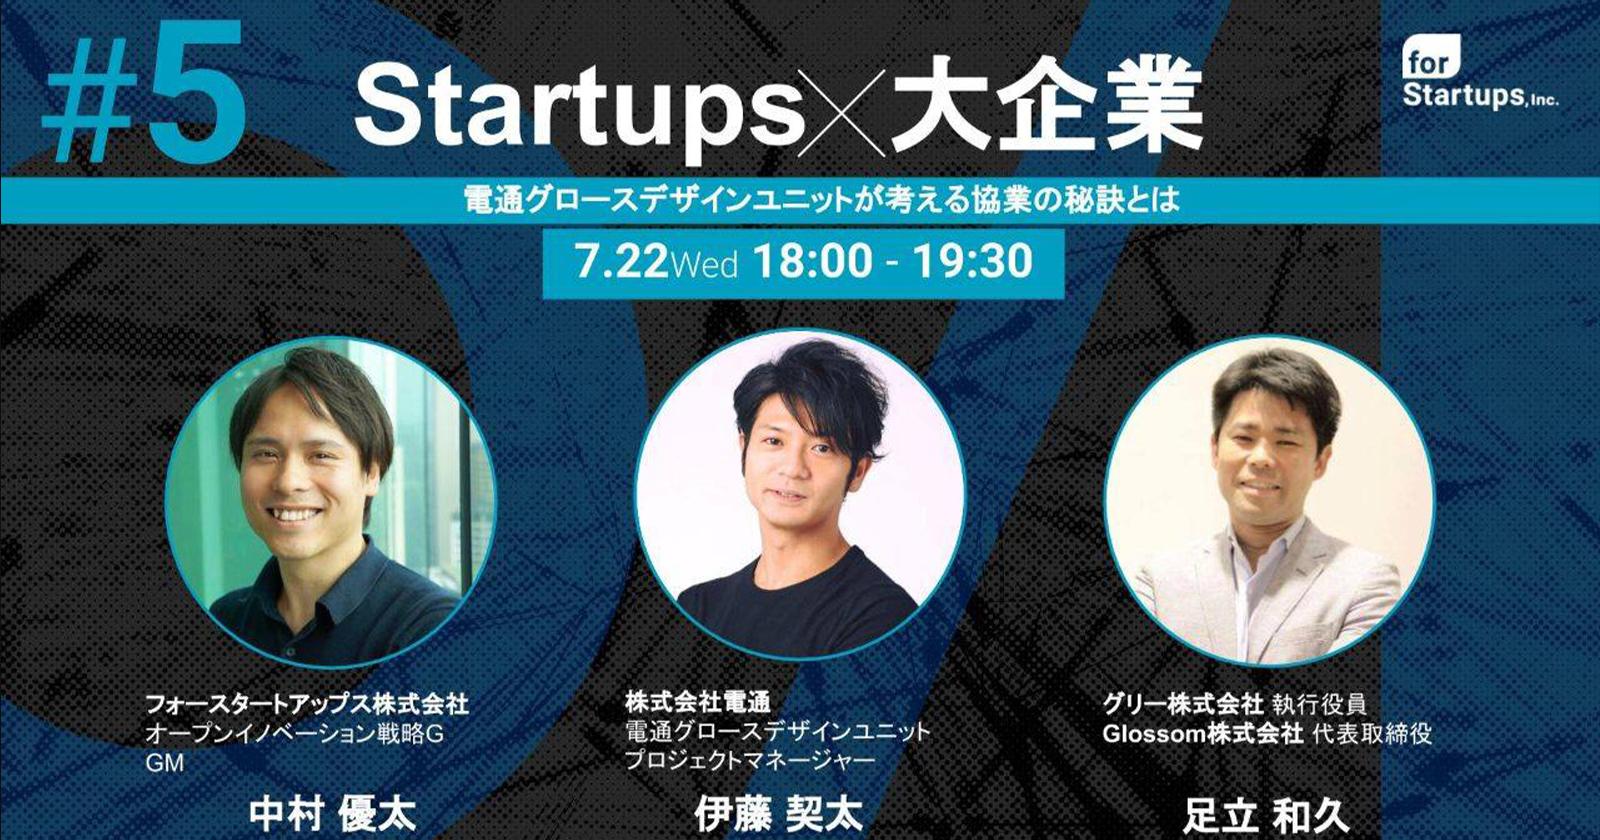 """【イベント】""""「Startup x 大企業 #5」 〜電通グロースデザインユニットが考える協業の秘訣とは""""を開催しました。"""